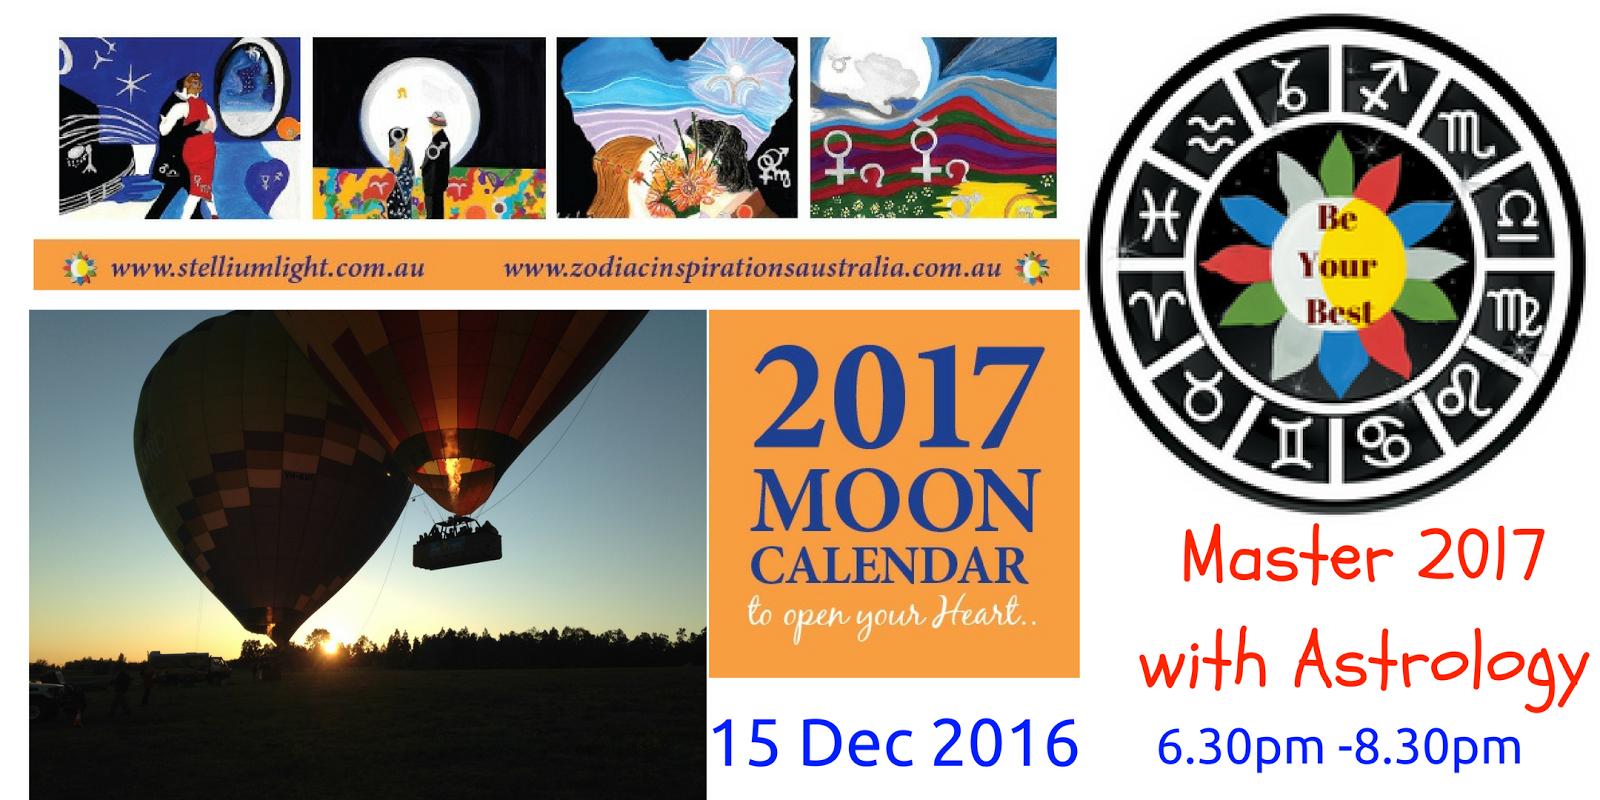 Zodiac dates in Sydney